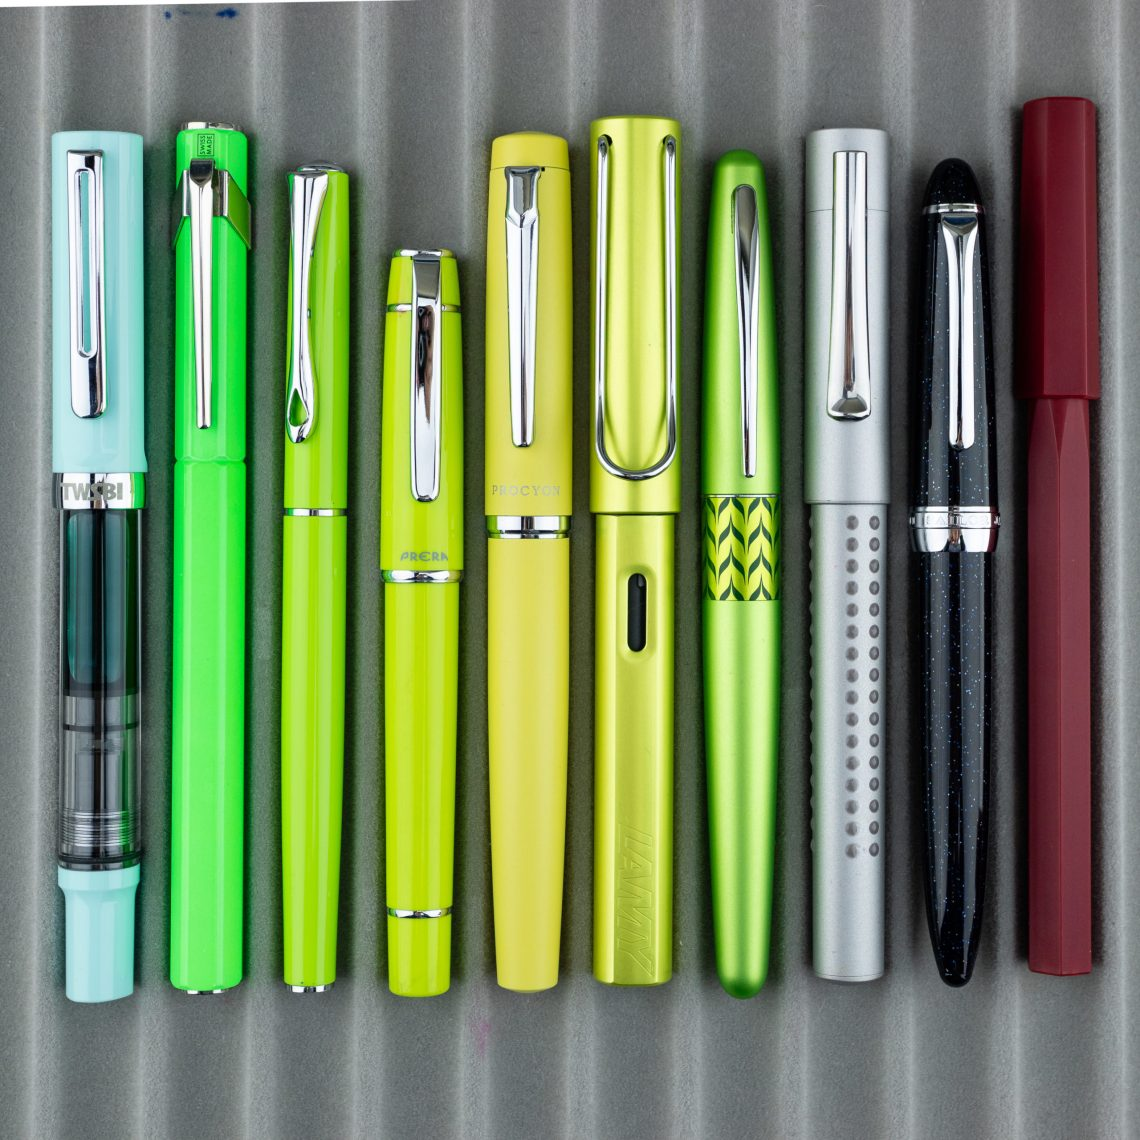 Platinum Procyon Citron pen comparison